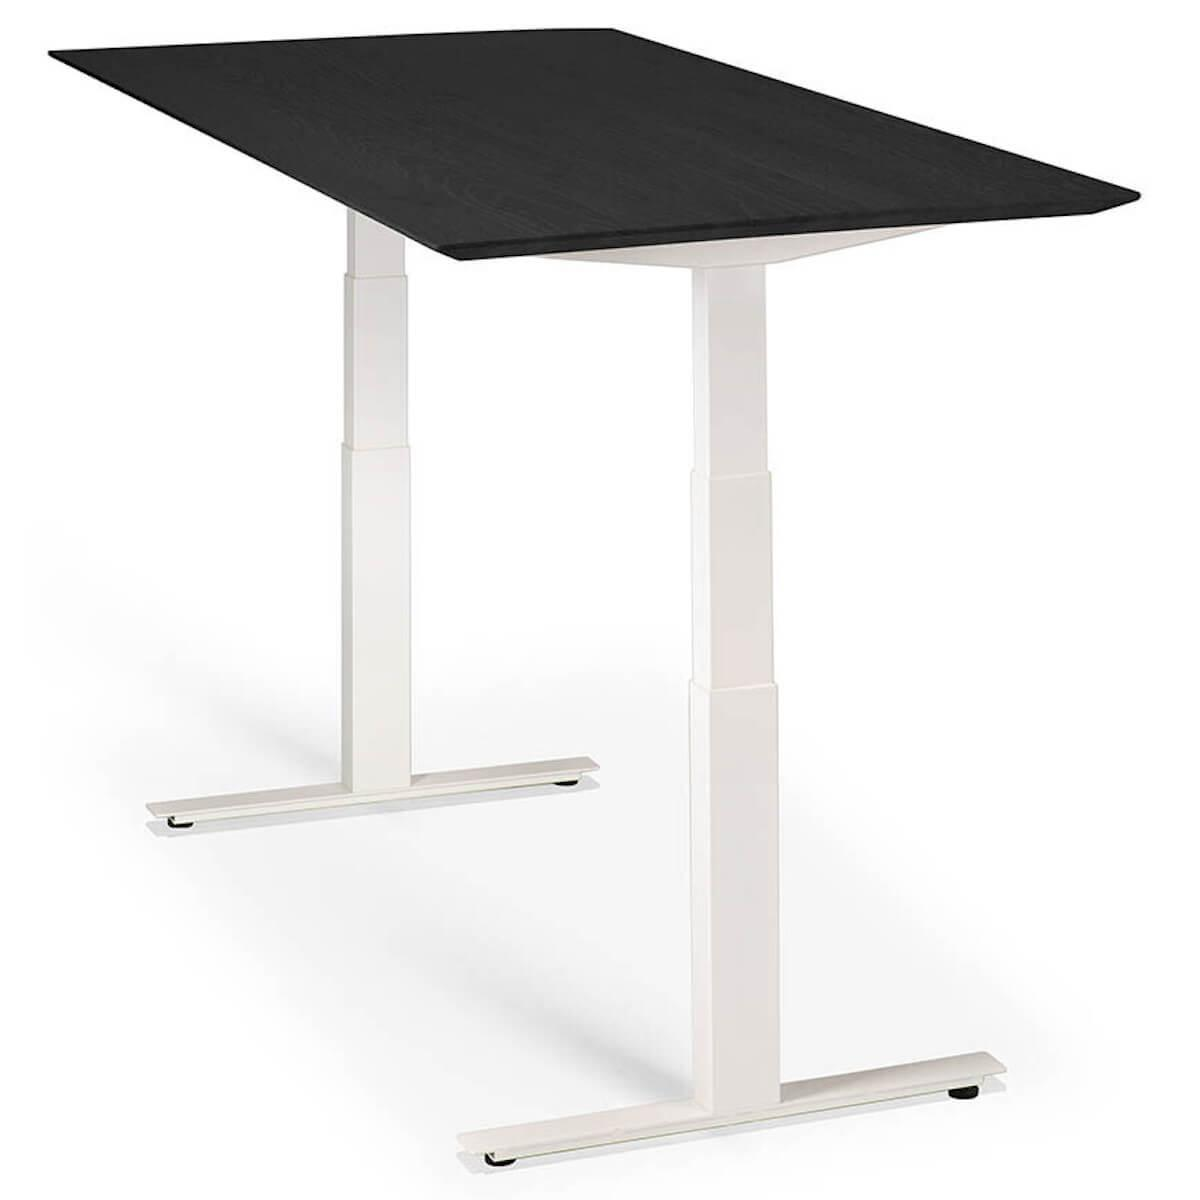 Bureau ajustable-table top 90x200cm BOK Ethnicraft chêne noir